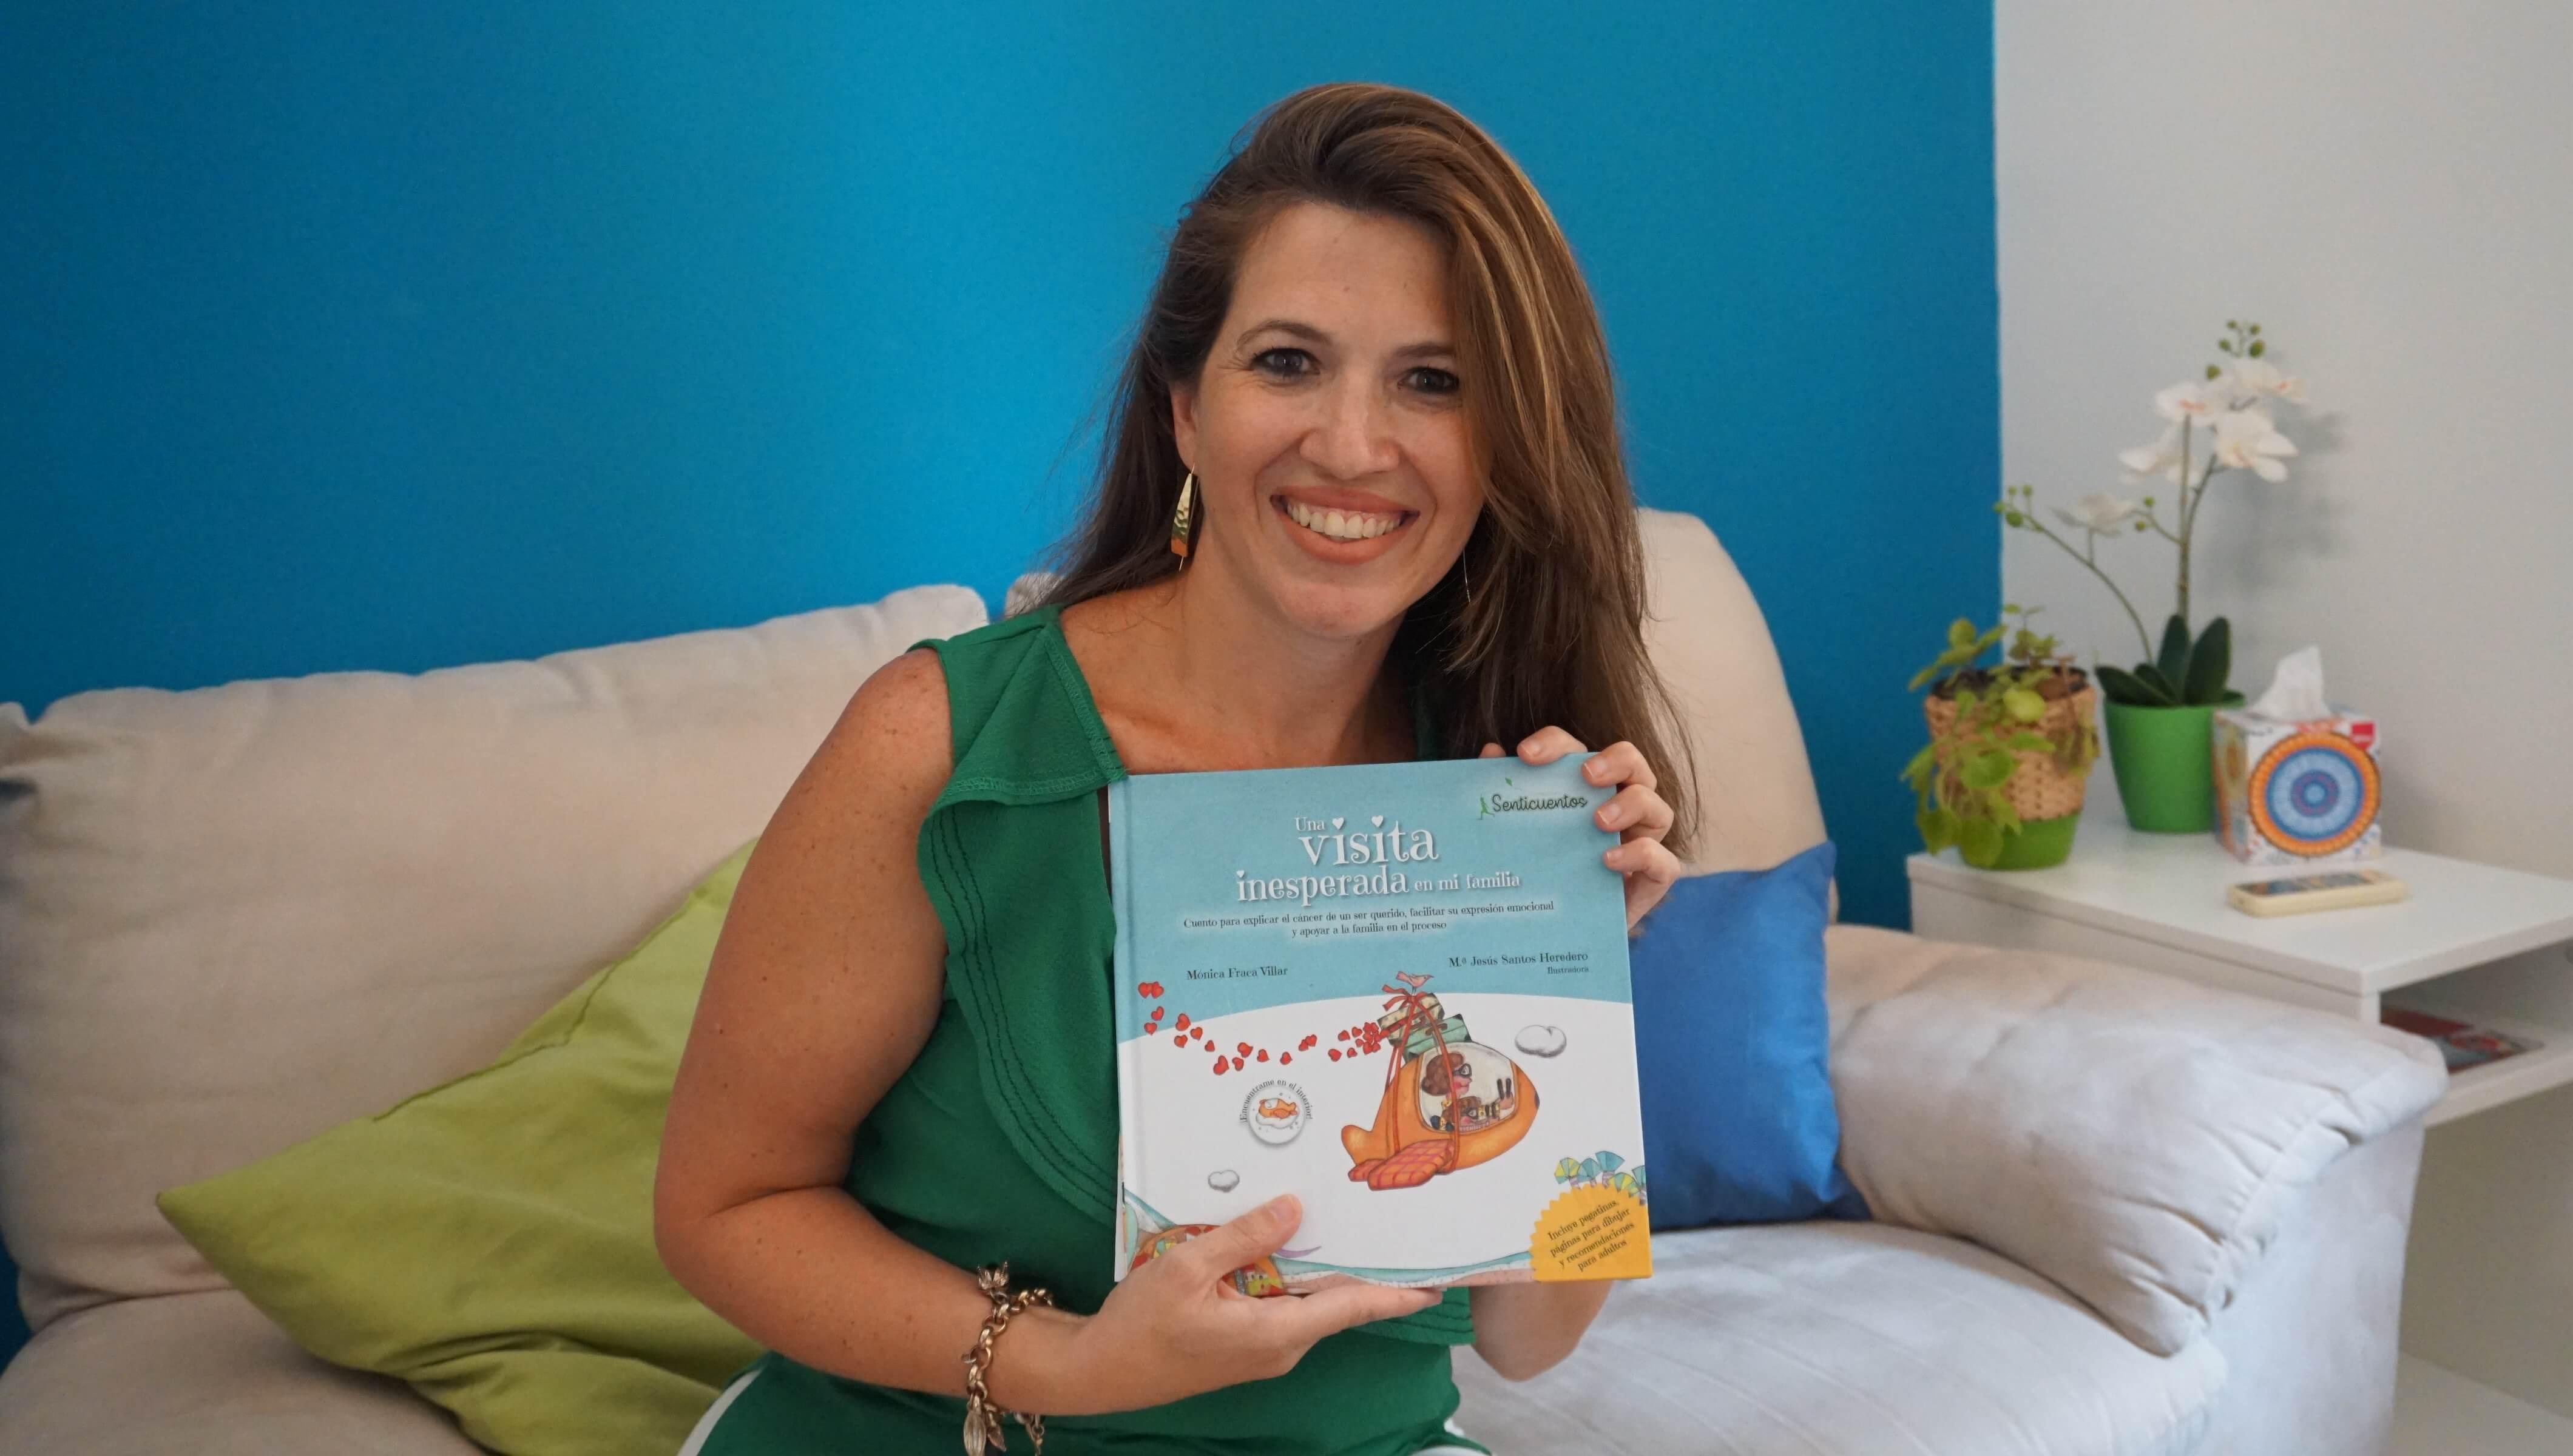 Mónica Fraca Villar, autora del libro